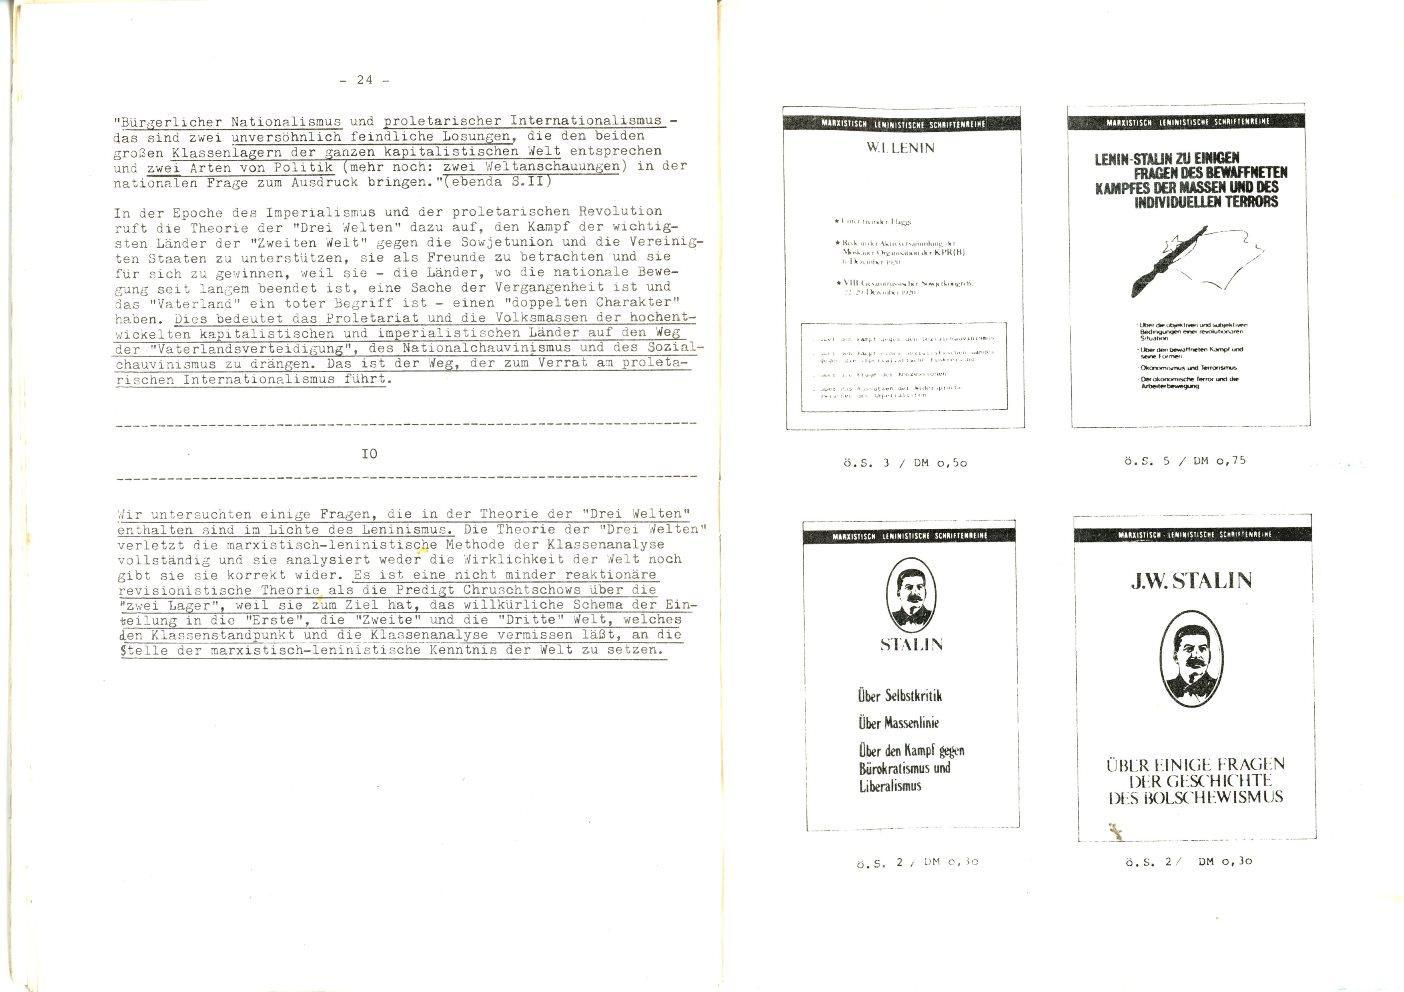 MLSK_Theorie_und_Praxis_des_ML_1978_22_15